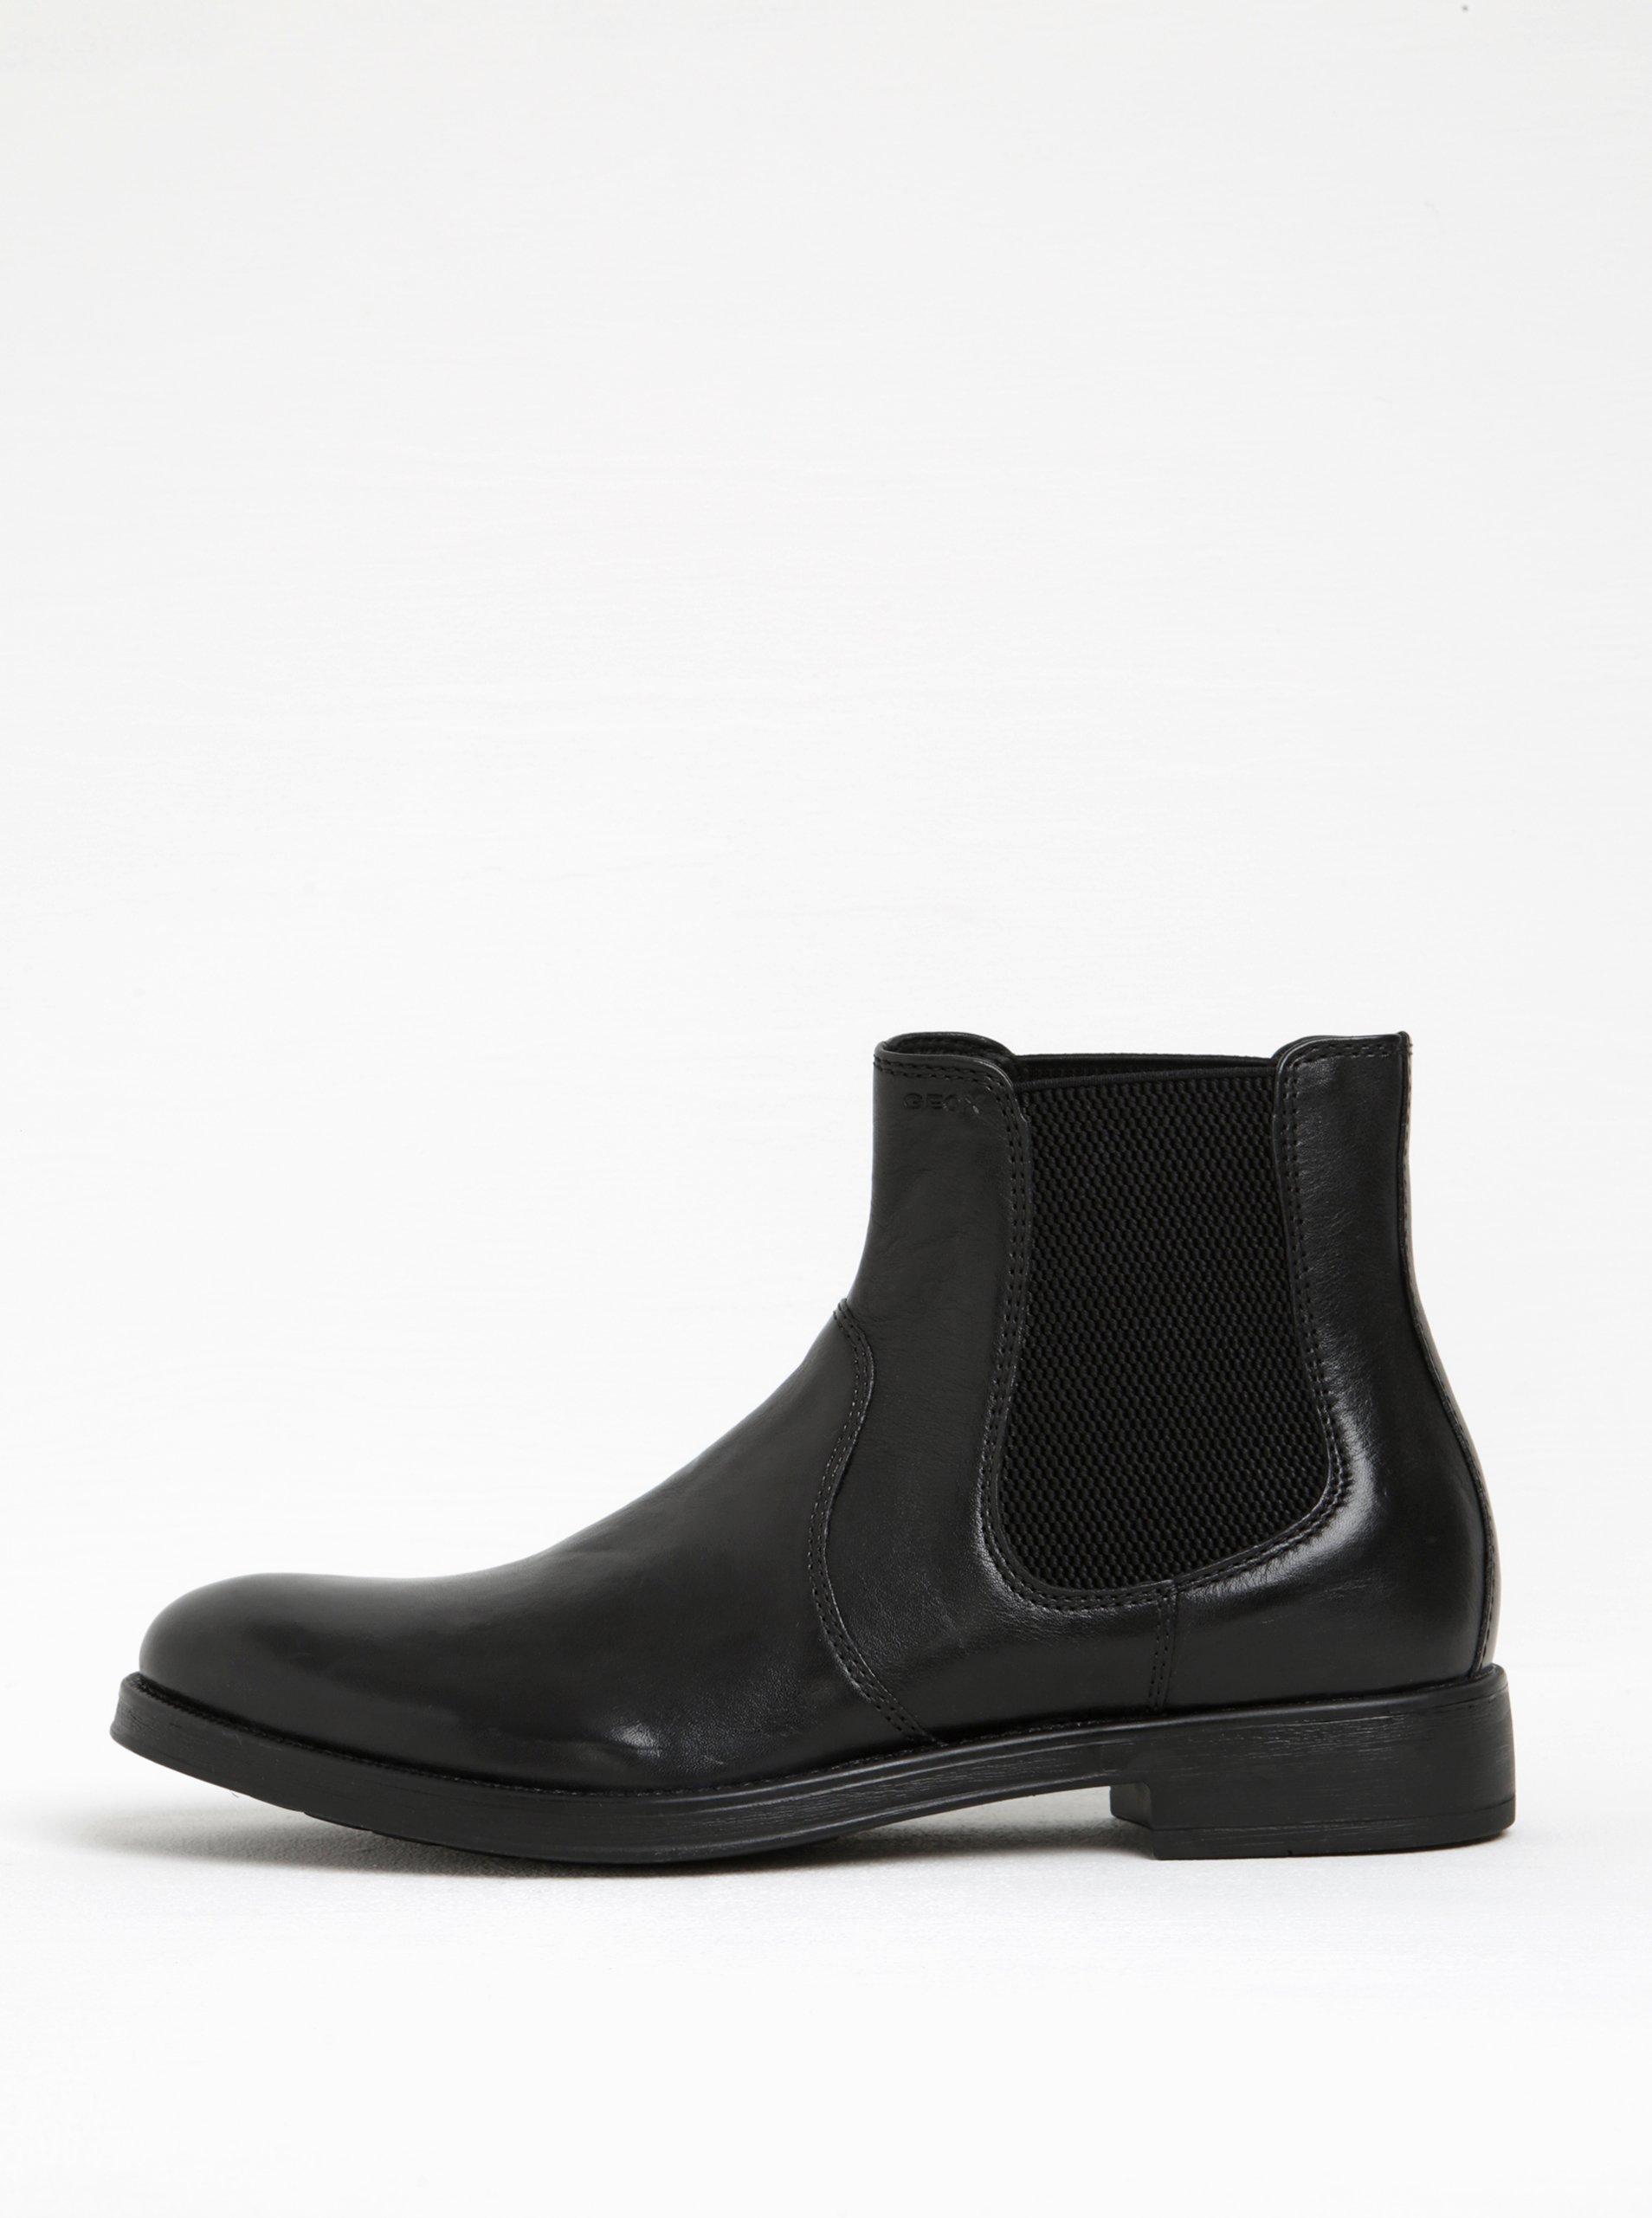 b044db05a3 Čierne pánske kožené chelsea topánky Geox Blaxe B